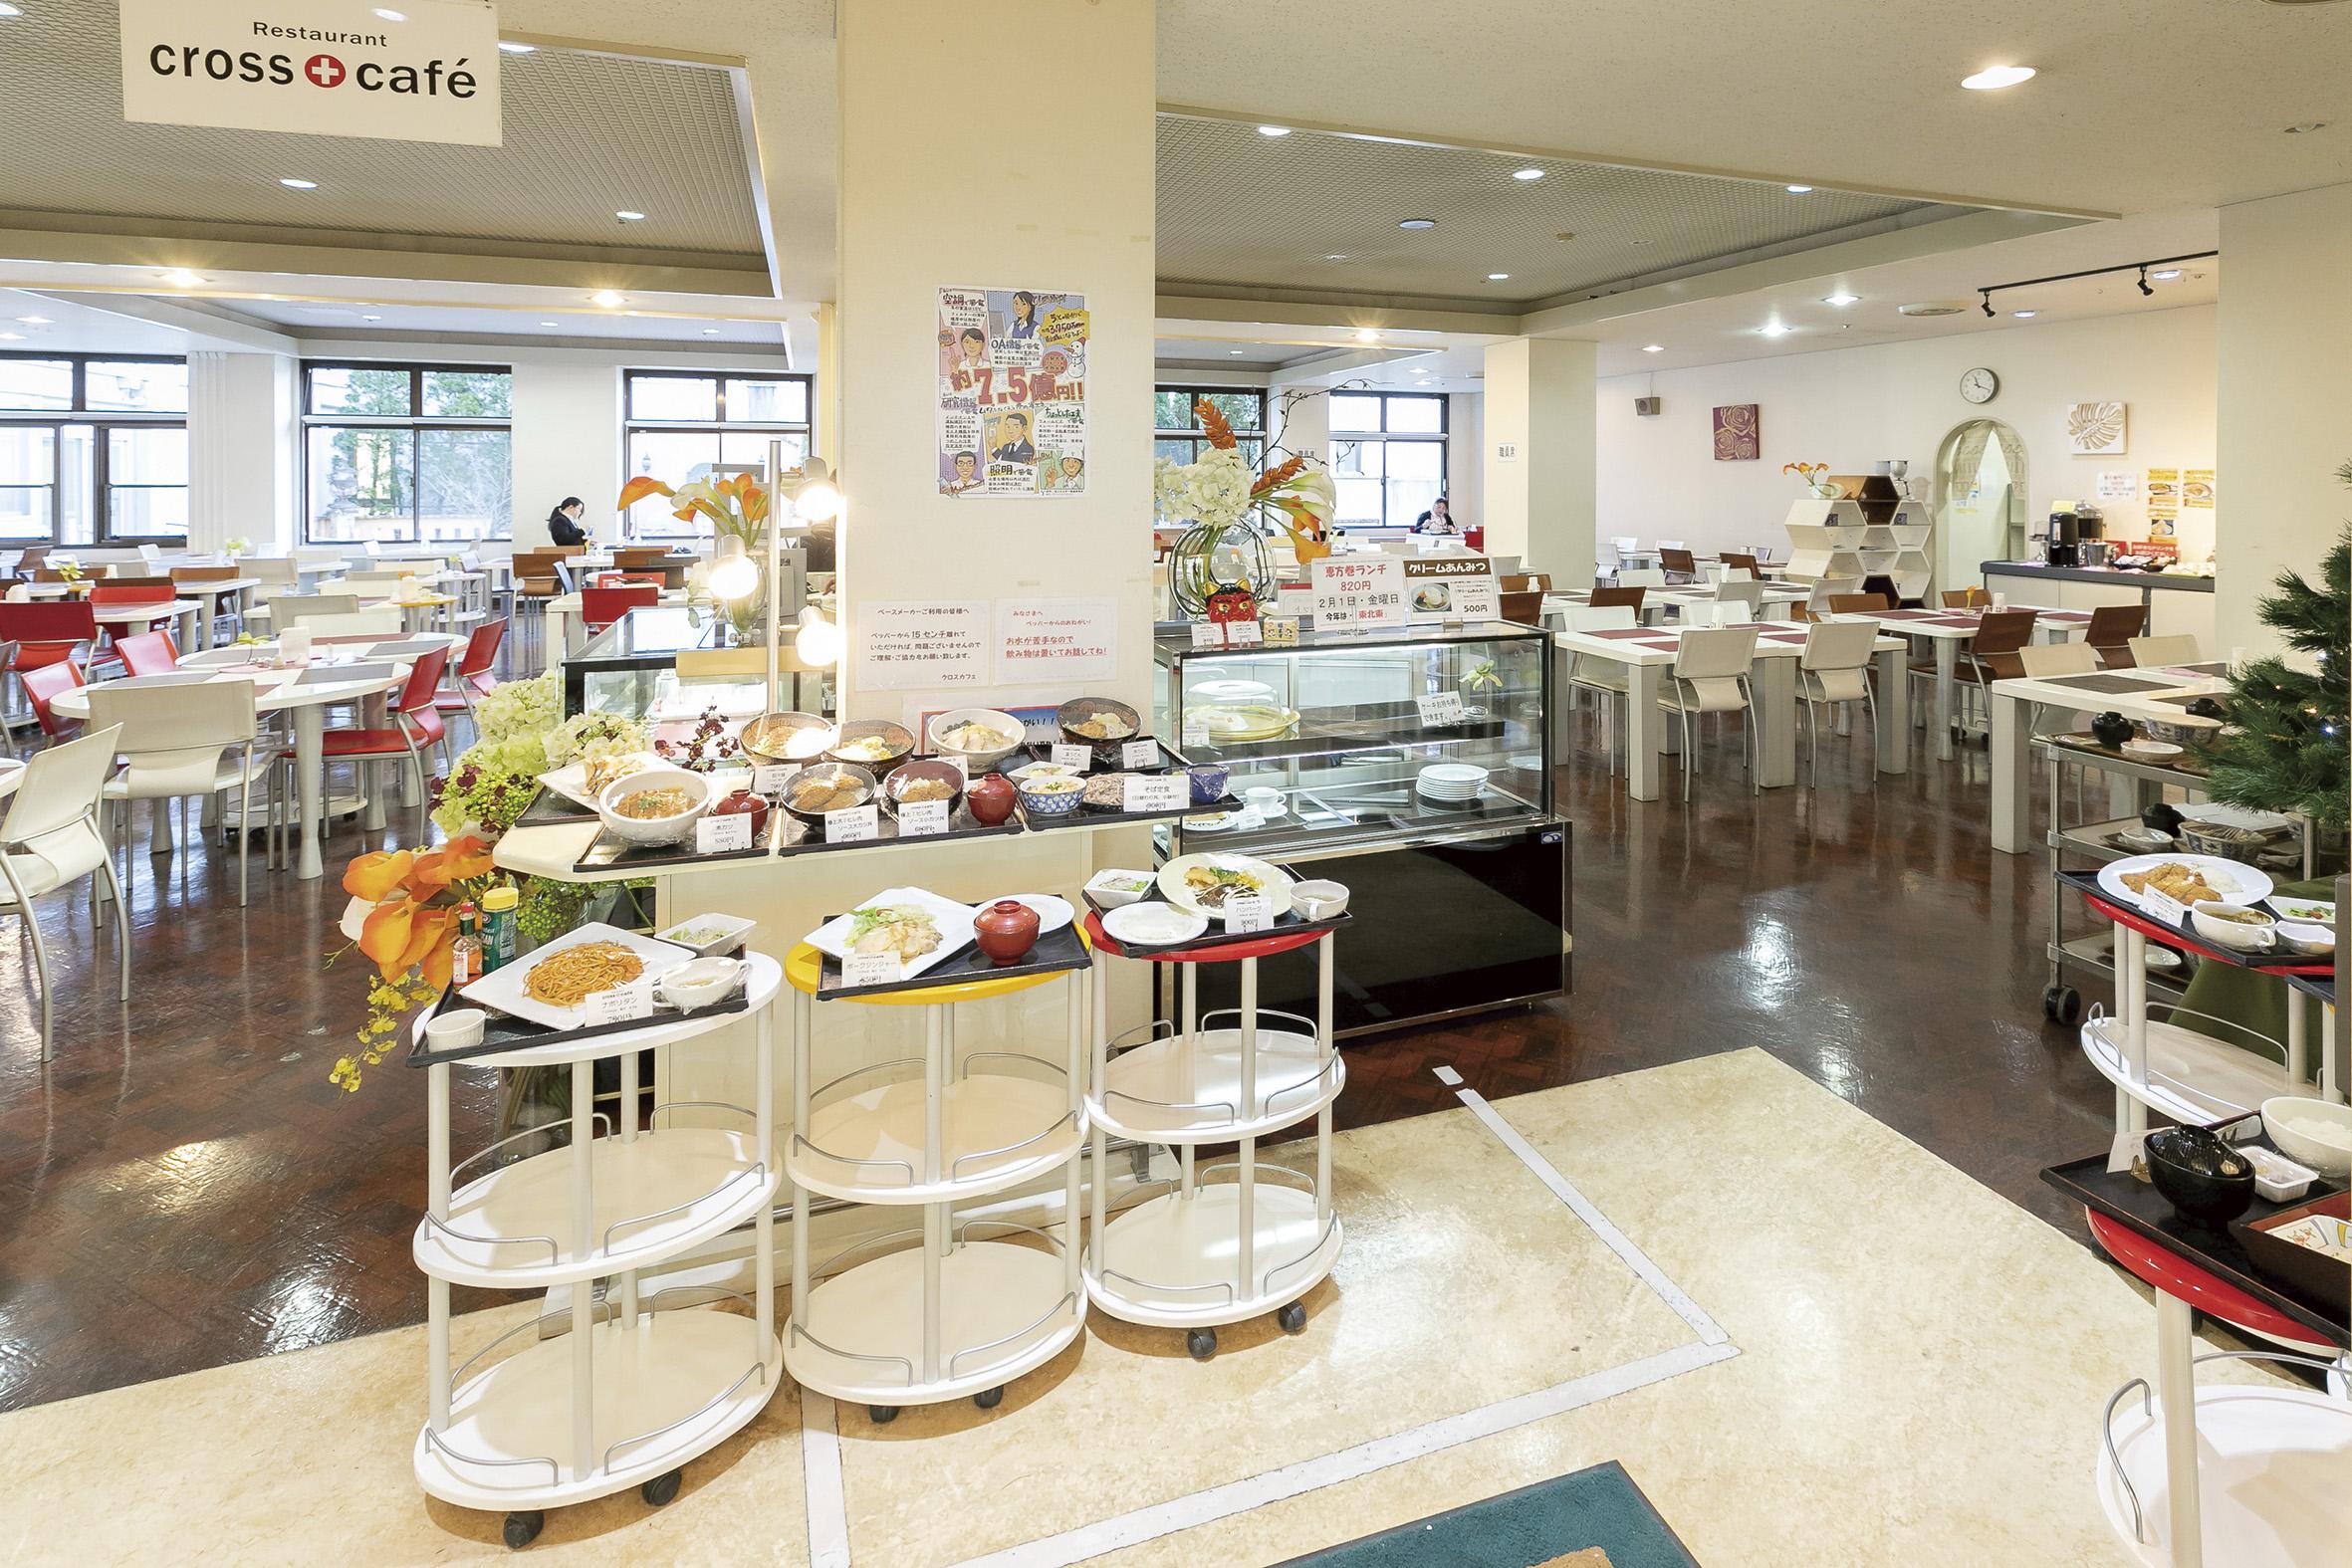 開放感のあるレストラン「クロスカフェ」の店内の様子